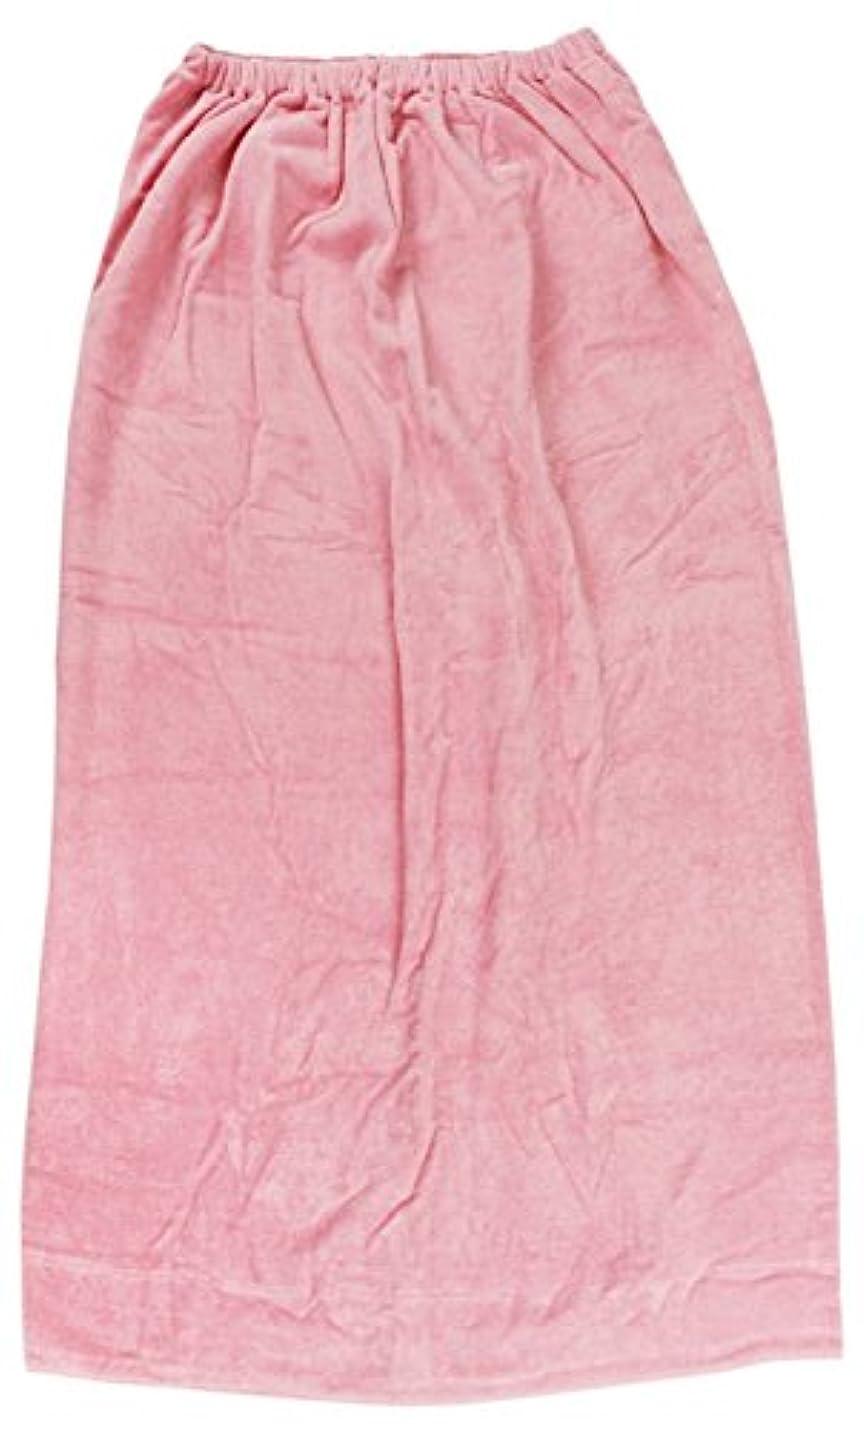 ナット抑圧者かんたん林(Hayashi) ラップタオル ピンク 約100×120cm シャーリングカラー 無地 MD454822